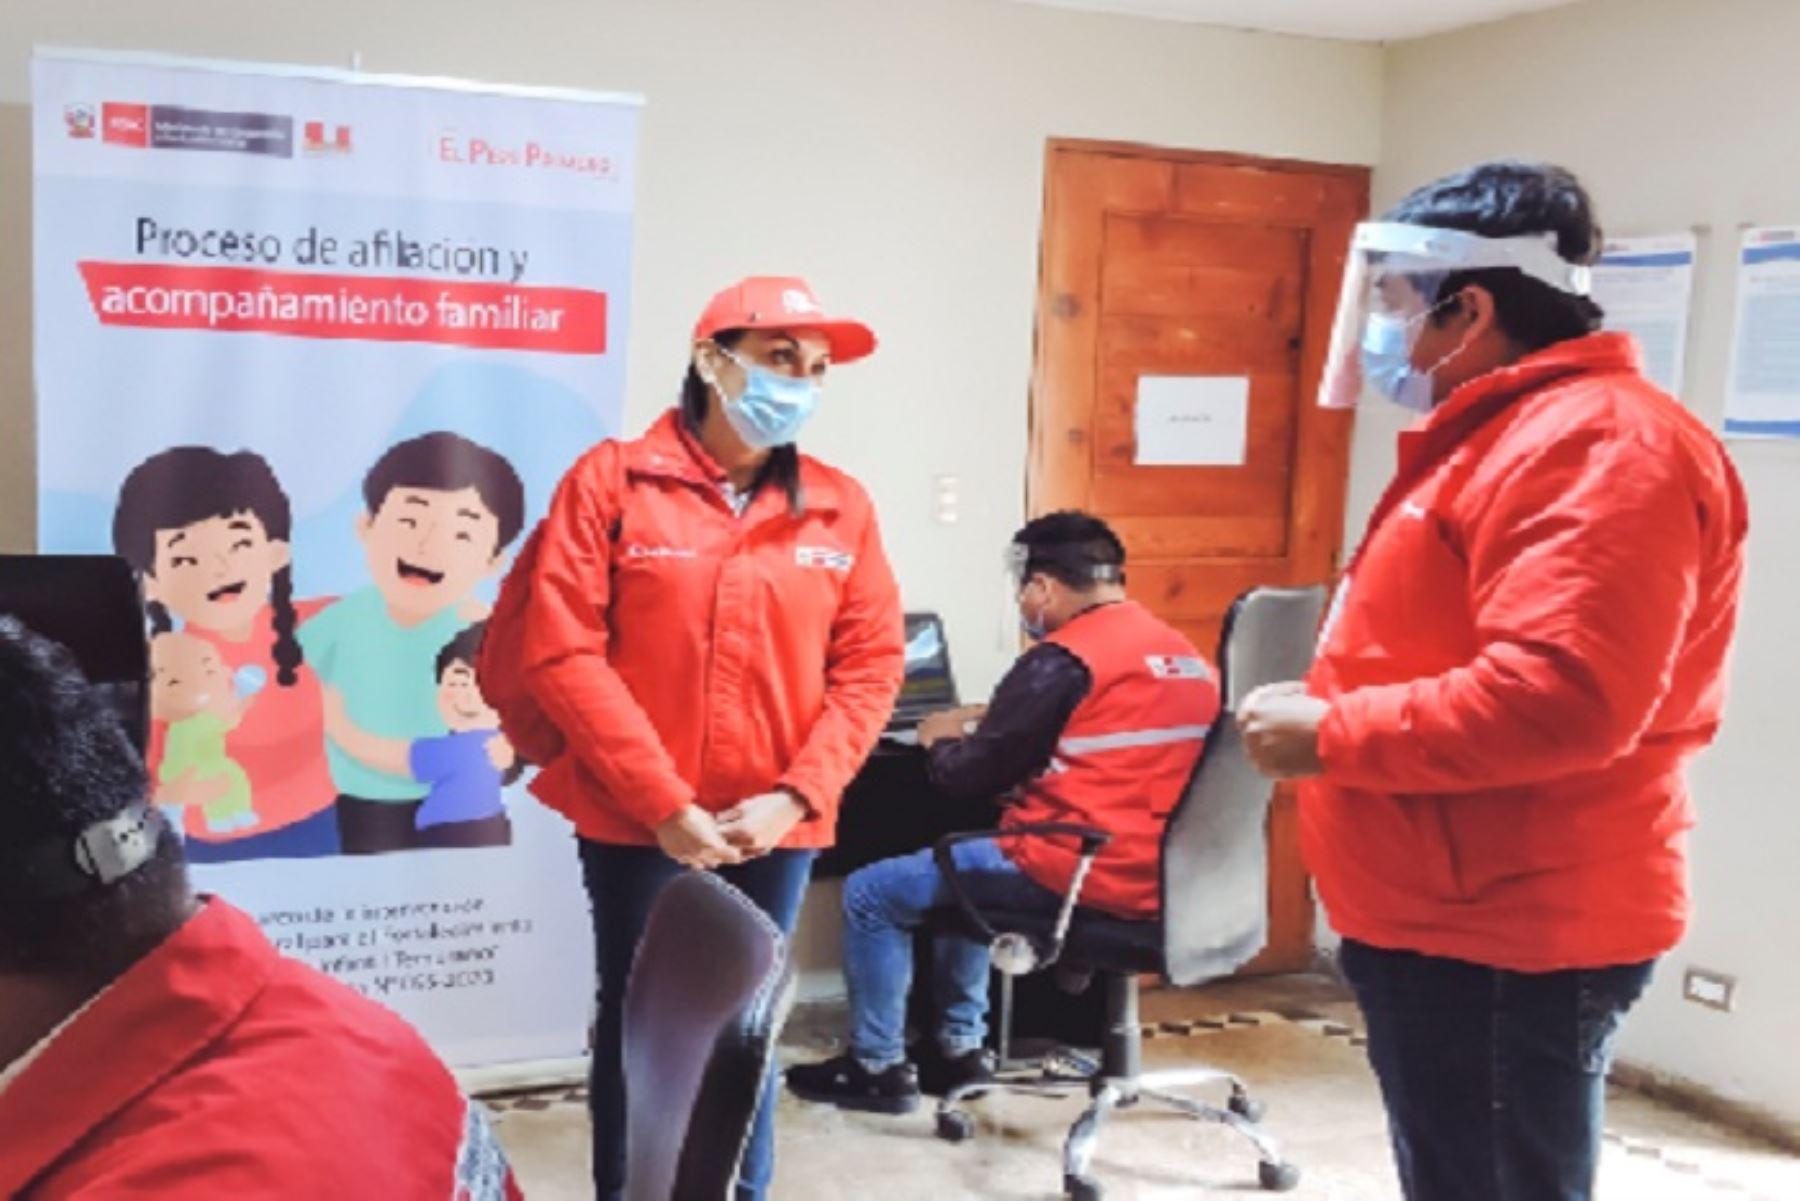 Ministra Patricia Donayre presenció en Mórrope la labor de promotores con hogares que tienen niñas y niños menores de 24 meses. Destacó que los programas sociales han incrementado sus intervenciones en el país para enfrentar a la pandemia.